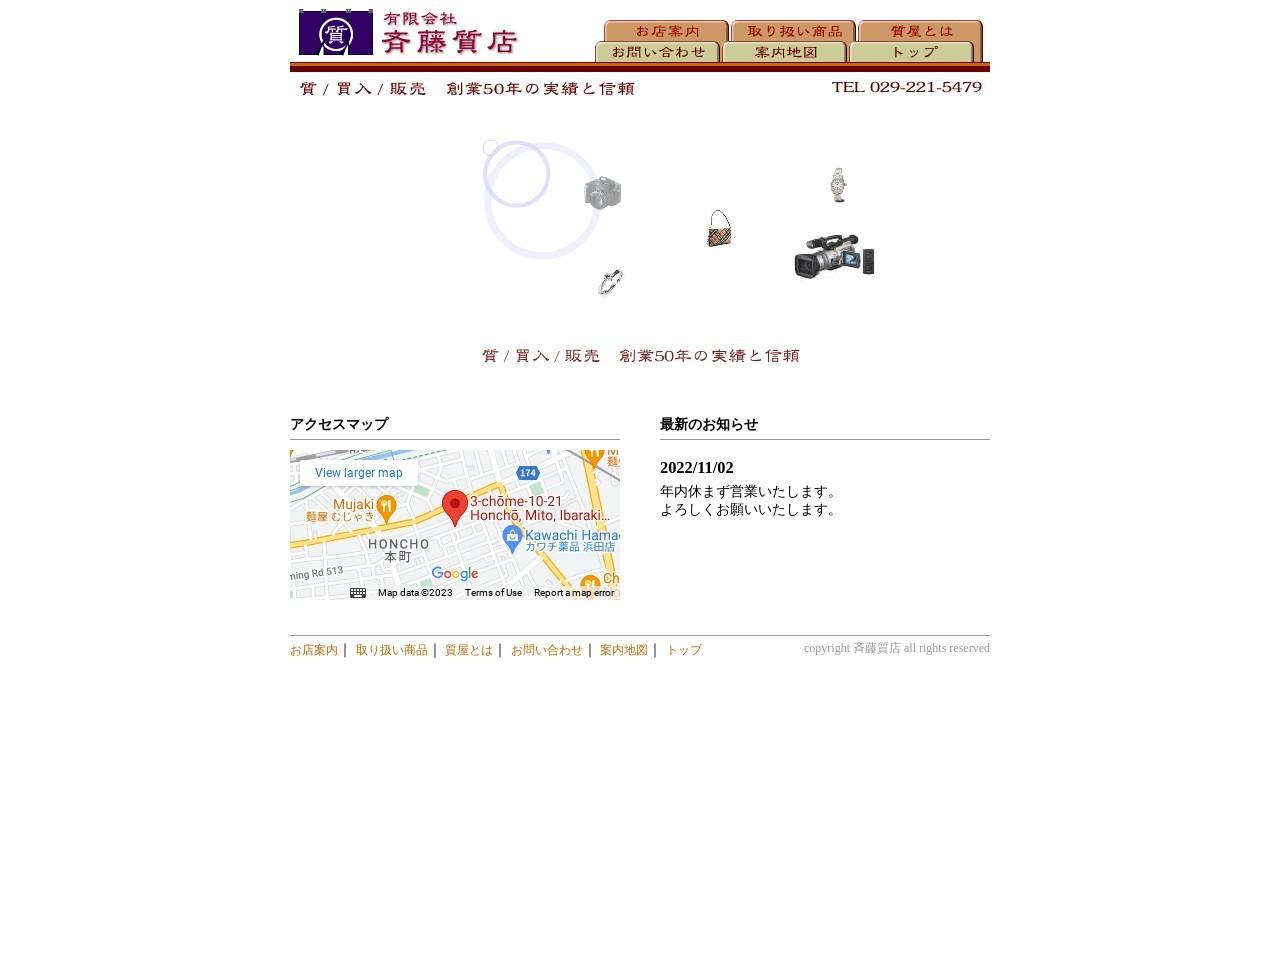 有限会社 斉藤質店|茨城県 水戸市 質店 カメラ 貴金属 宝石 和服 買取り